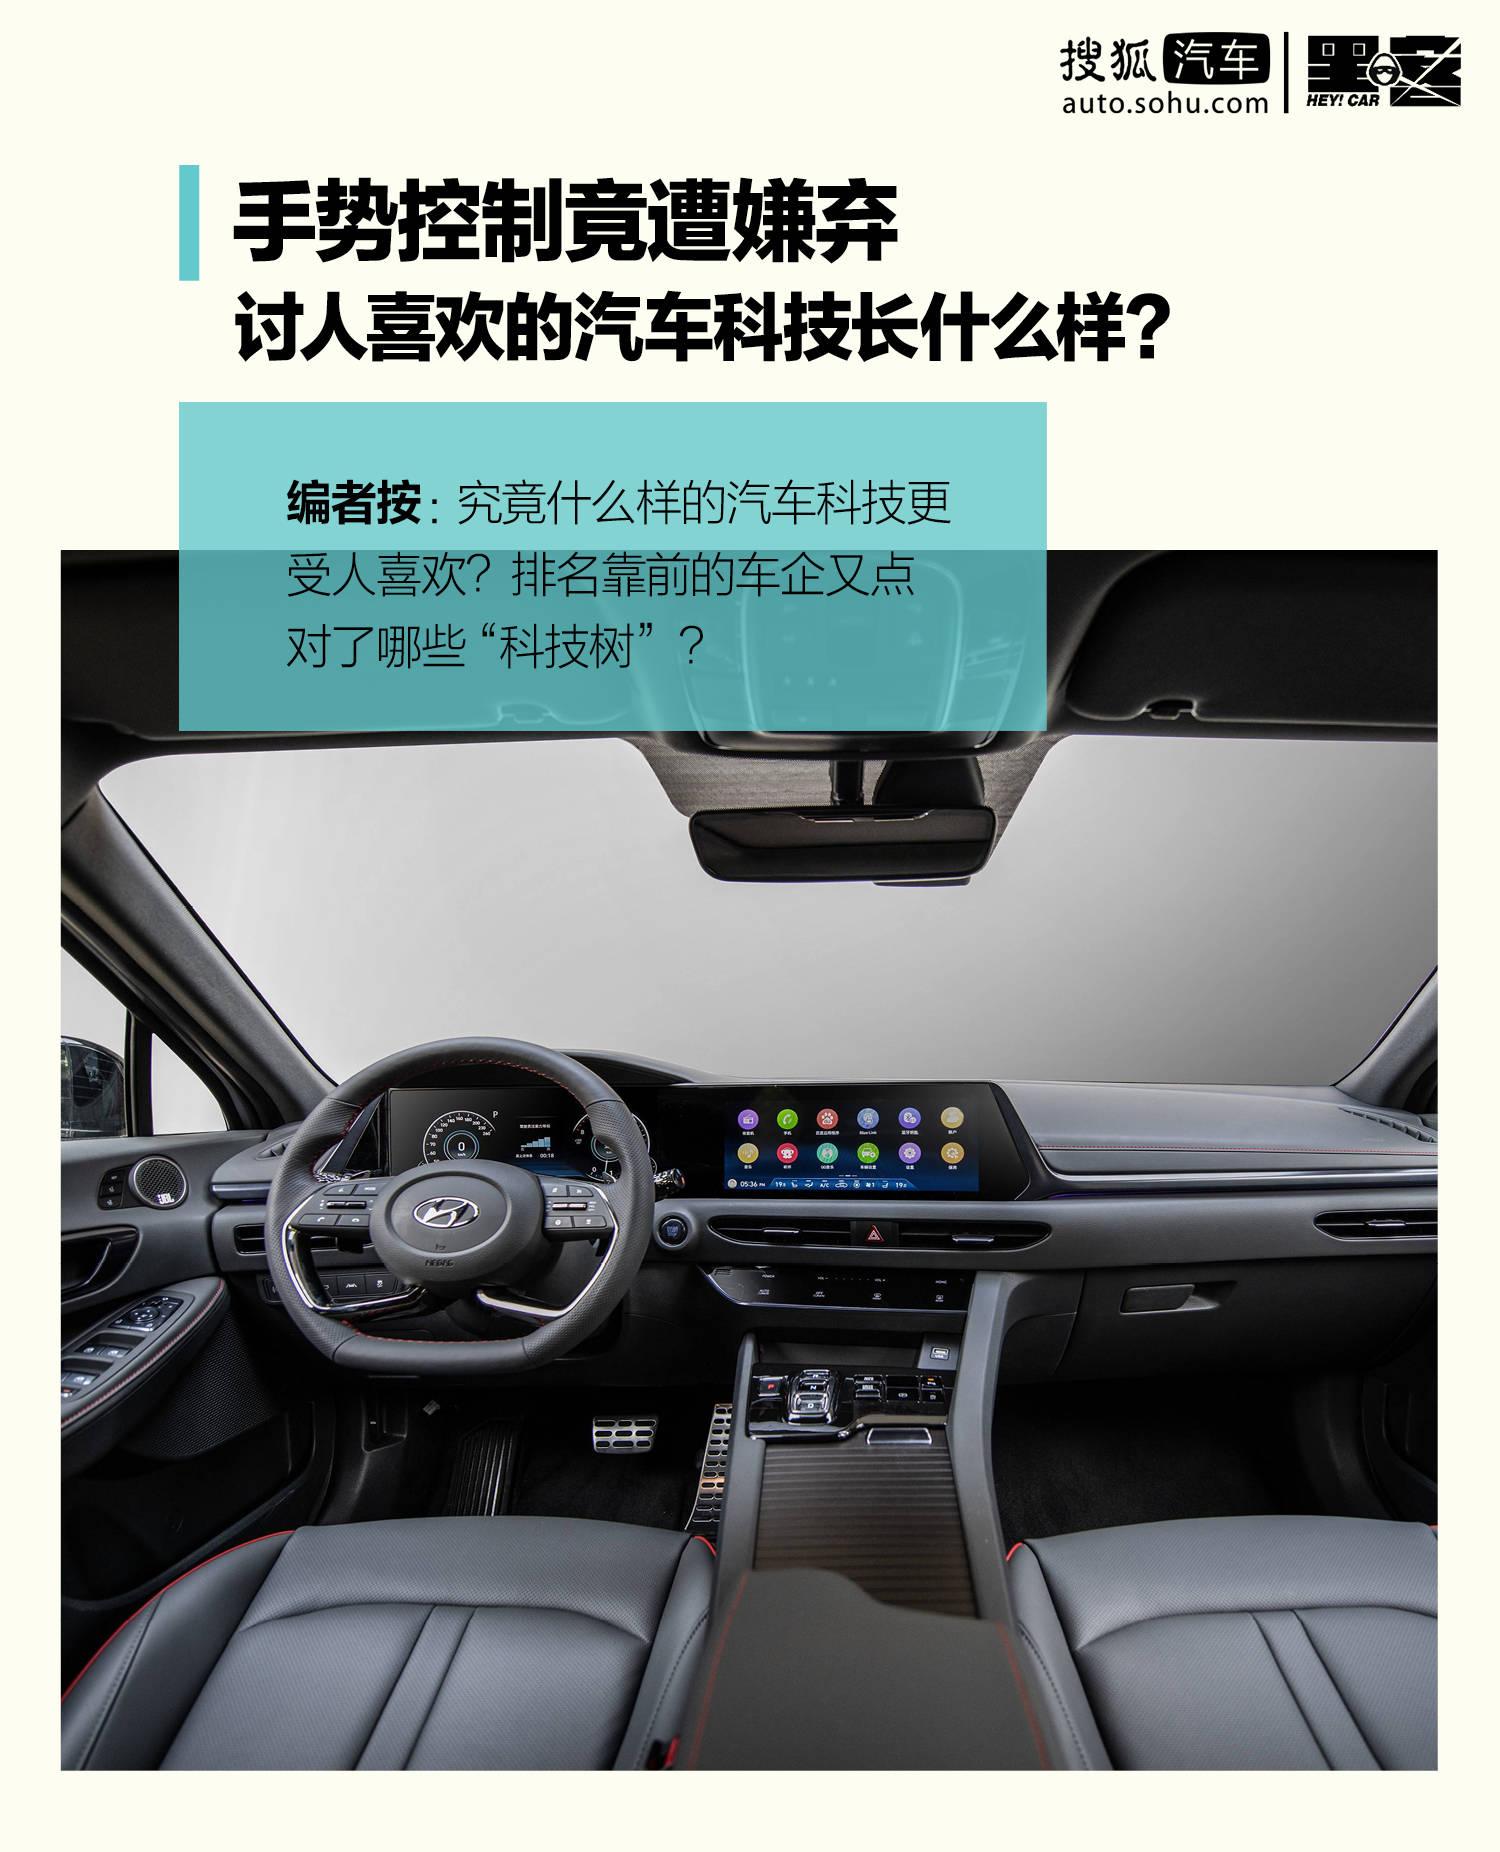 原始手势控制已被拒绝。讨人喜欢的汽车技术是什么样的?